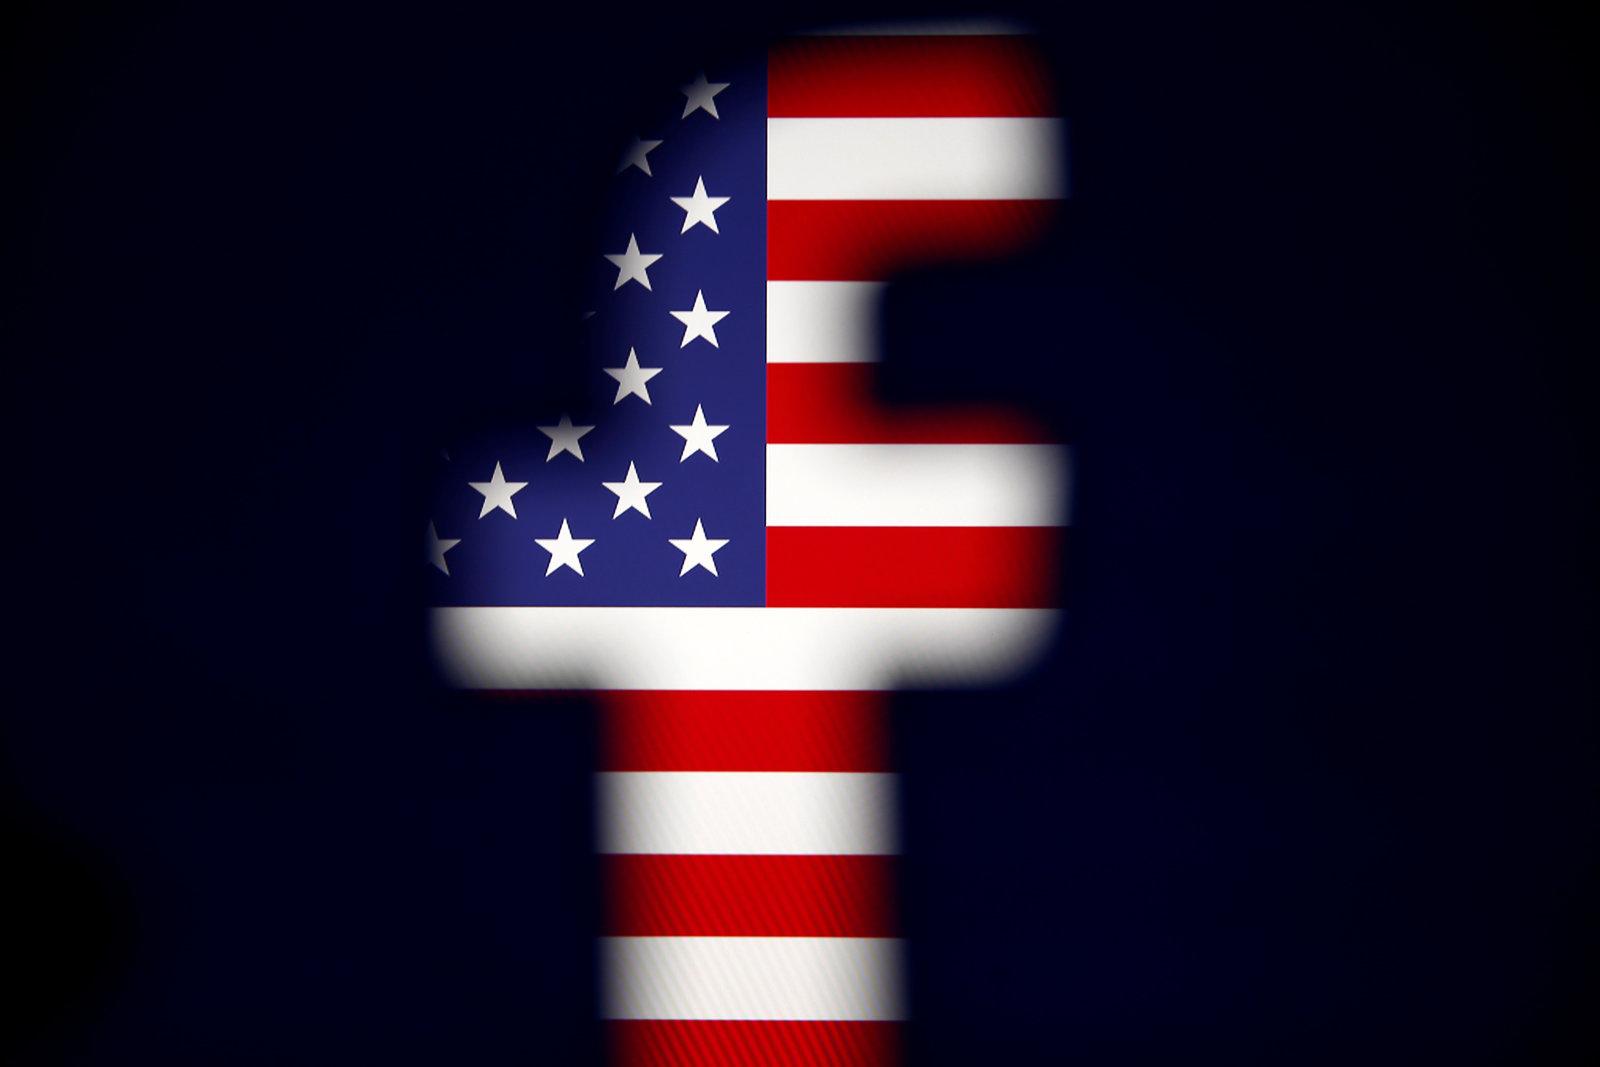 После «арабской весны» 2010—2011 годов руководство <i>Facebook</i> всерьёз озабочено ответственностью за политические события, накоторые повлияла информация, распространяемая вэтой социальной сети. Апосле скандала скомпанией <i>Cambridge Analytica</i>, якобы использовавшей данные из <i>Facebook</i> для вмешательства впрезидентские выборы вСША, соцсеть воспринимает людей, использующих её страницы для политической пропаганды, как злоумышленников ивремя от времени препятствует их деятельности.